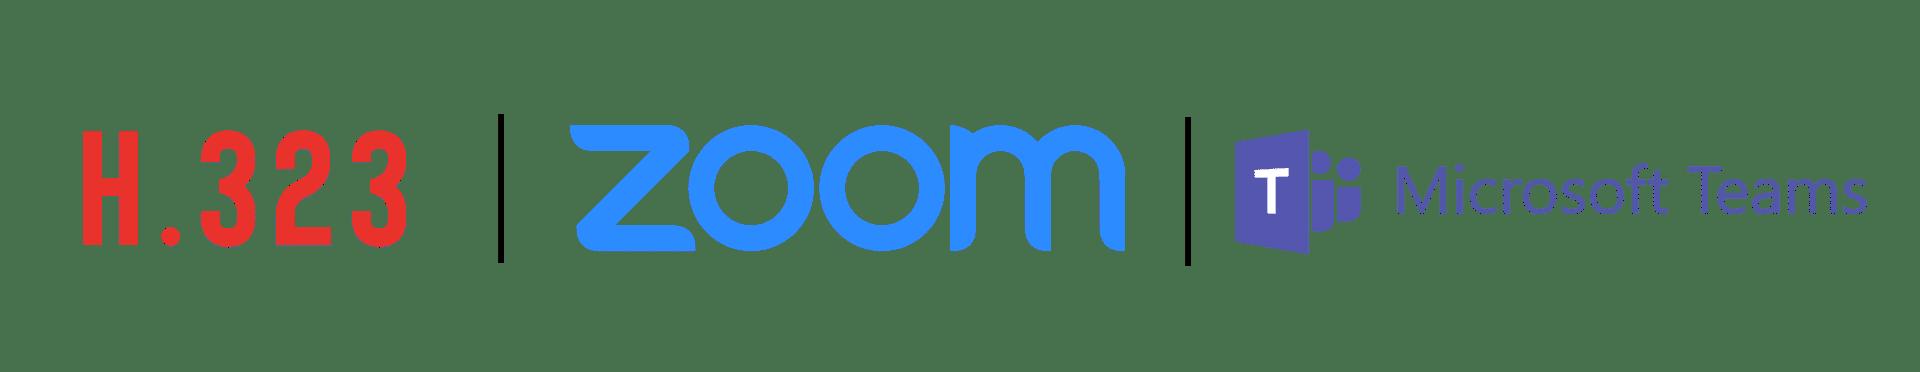 H323 x Zoom x Teams logos